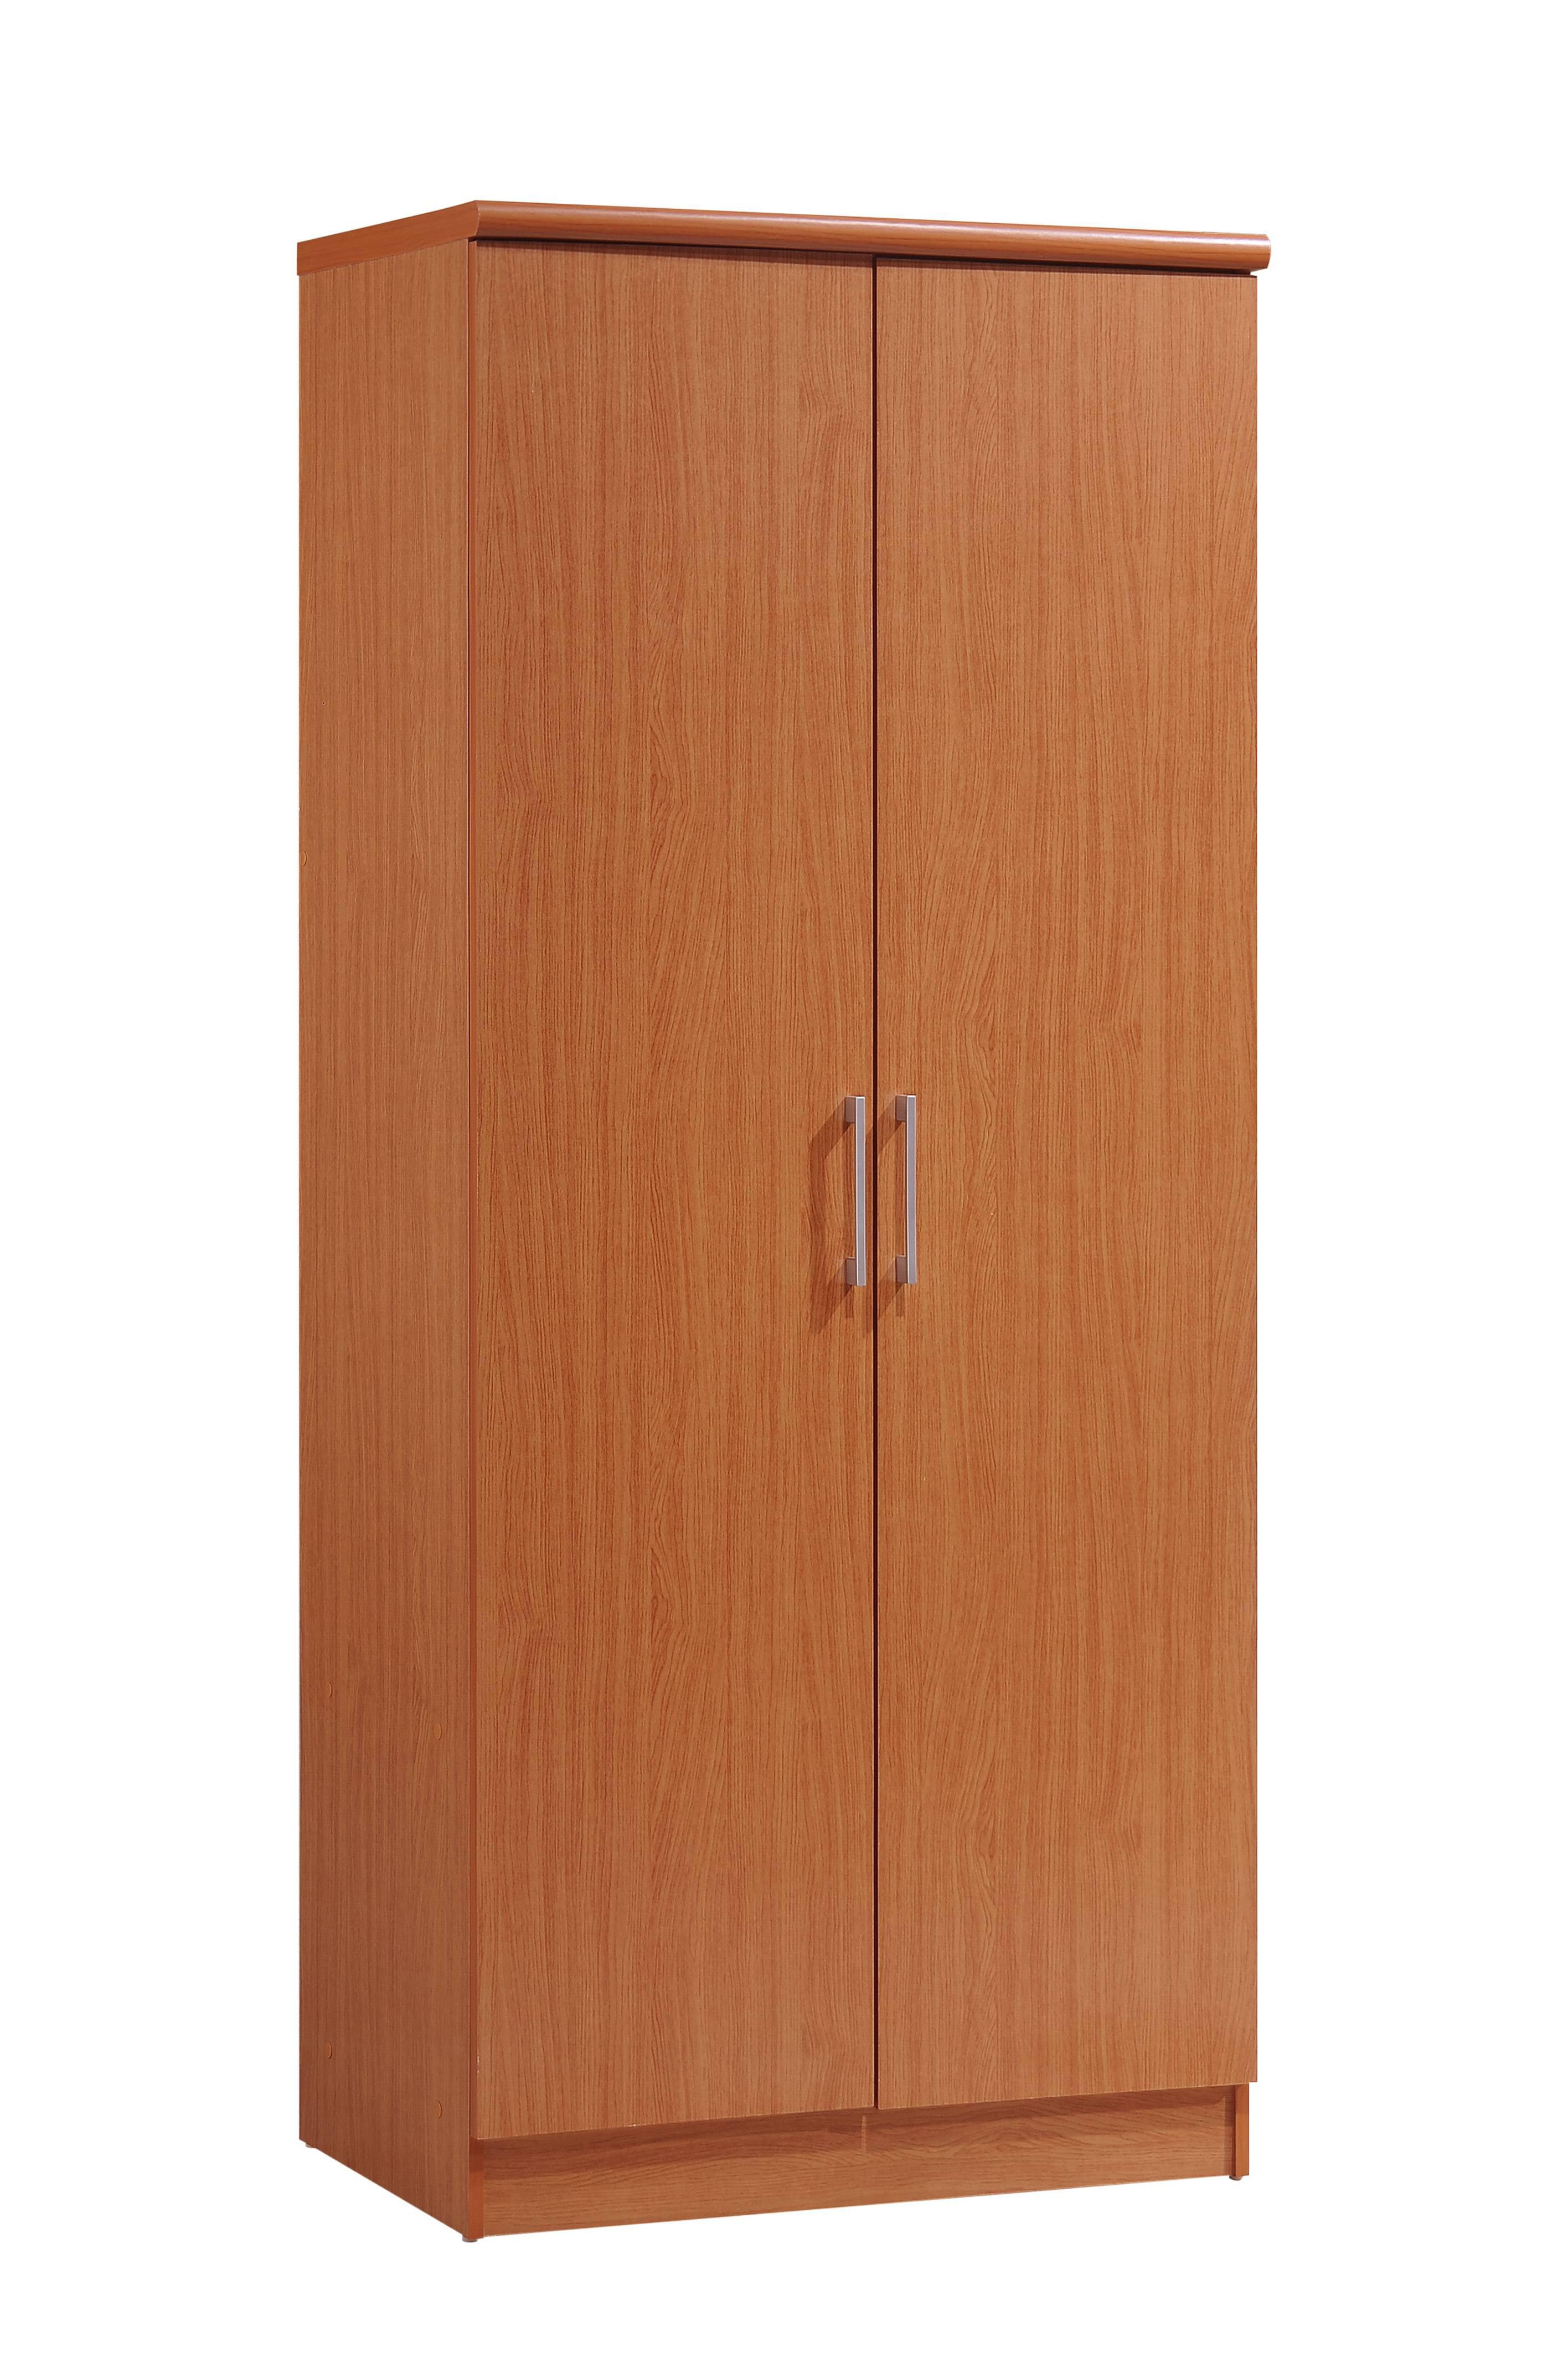 Hodedah 2-Door Wardrobe With 4-Shelves, Multiple Colors